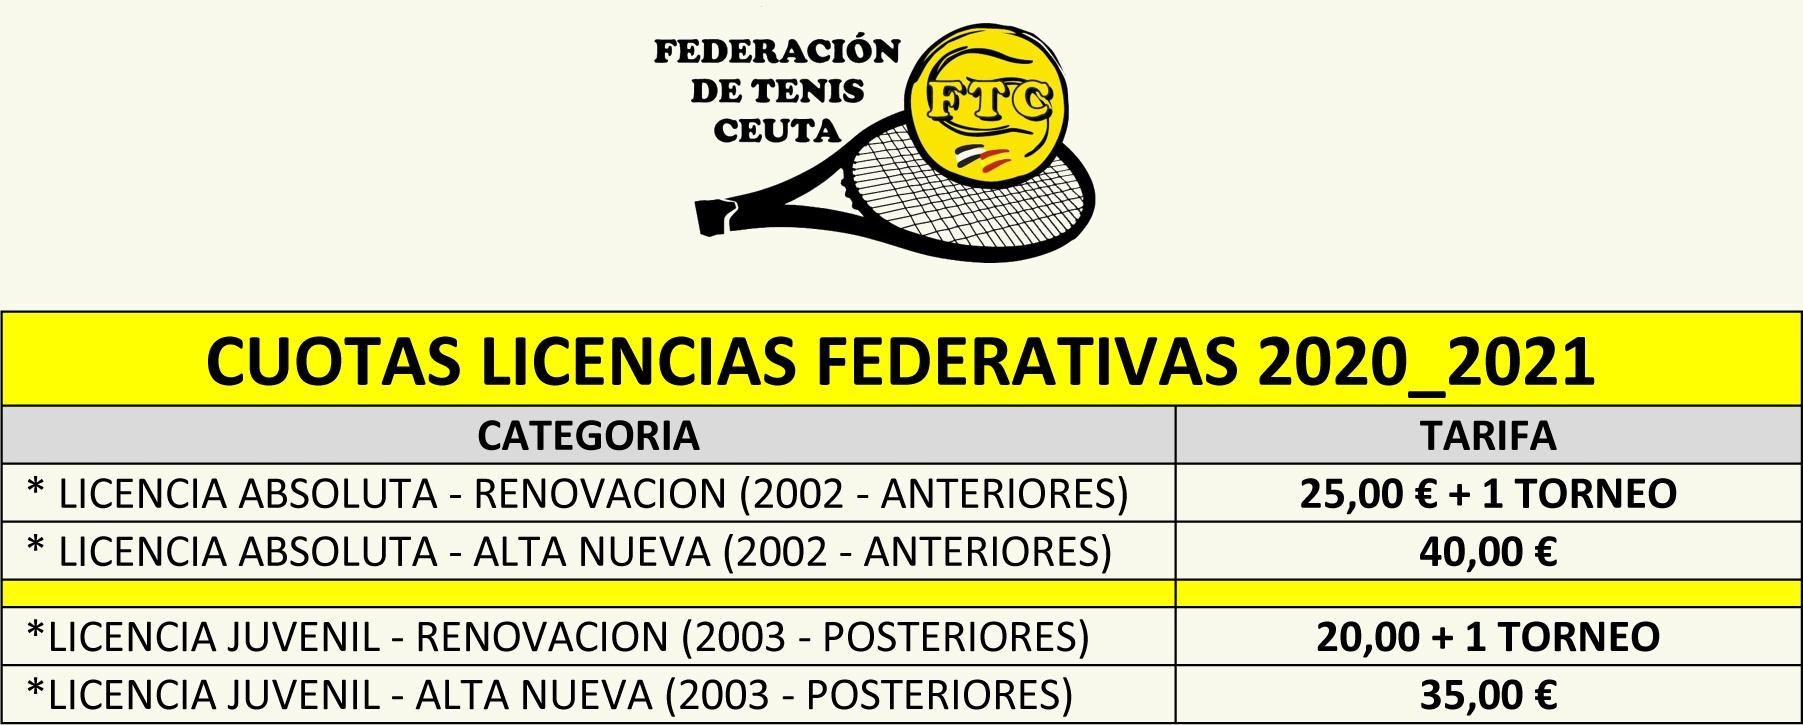 CUOTAS-LICENCIAS-FEDERATIVAS-2020_2021-2